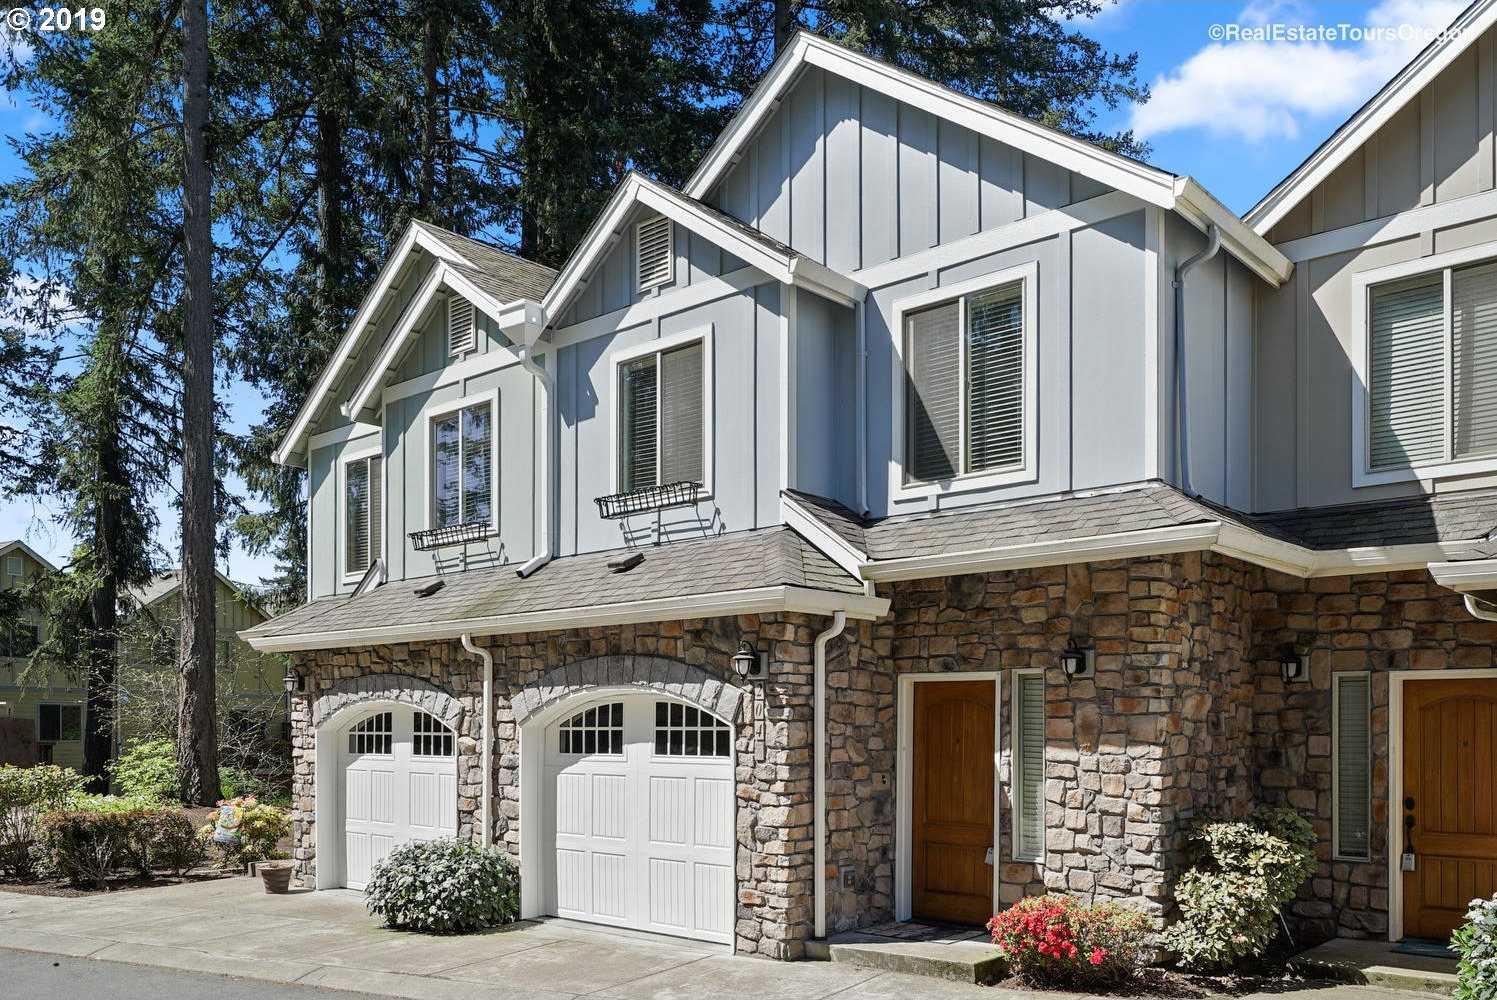 $339,000 - 3Br/3Ba -  for Sale in Travertine Condos, Hillsboro